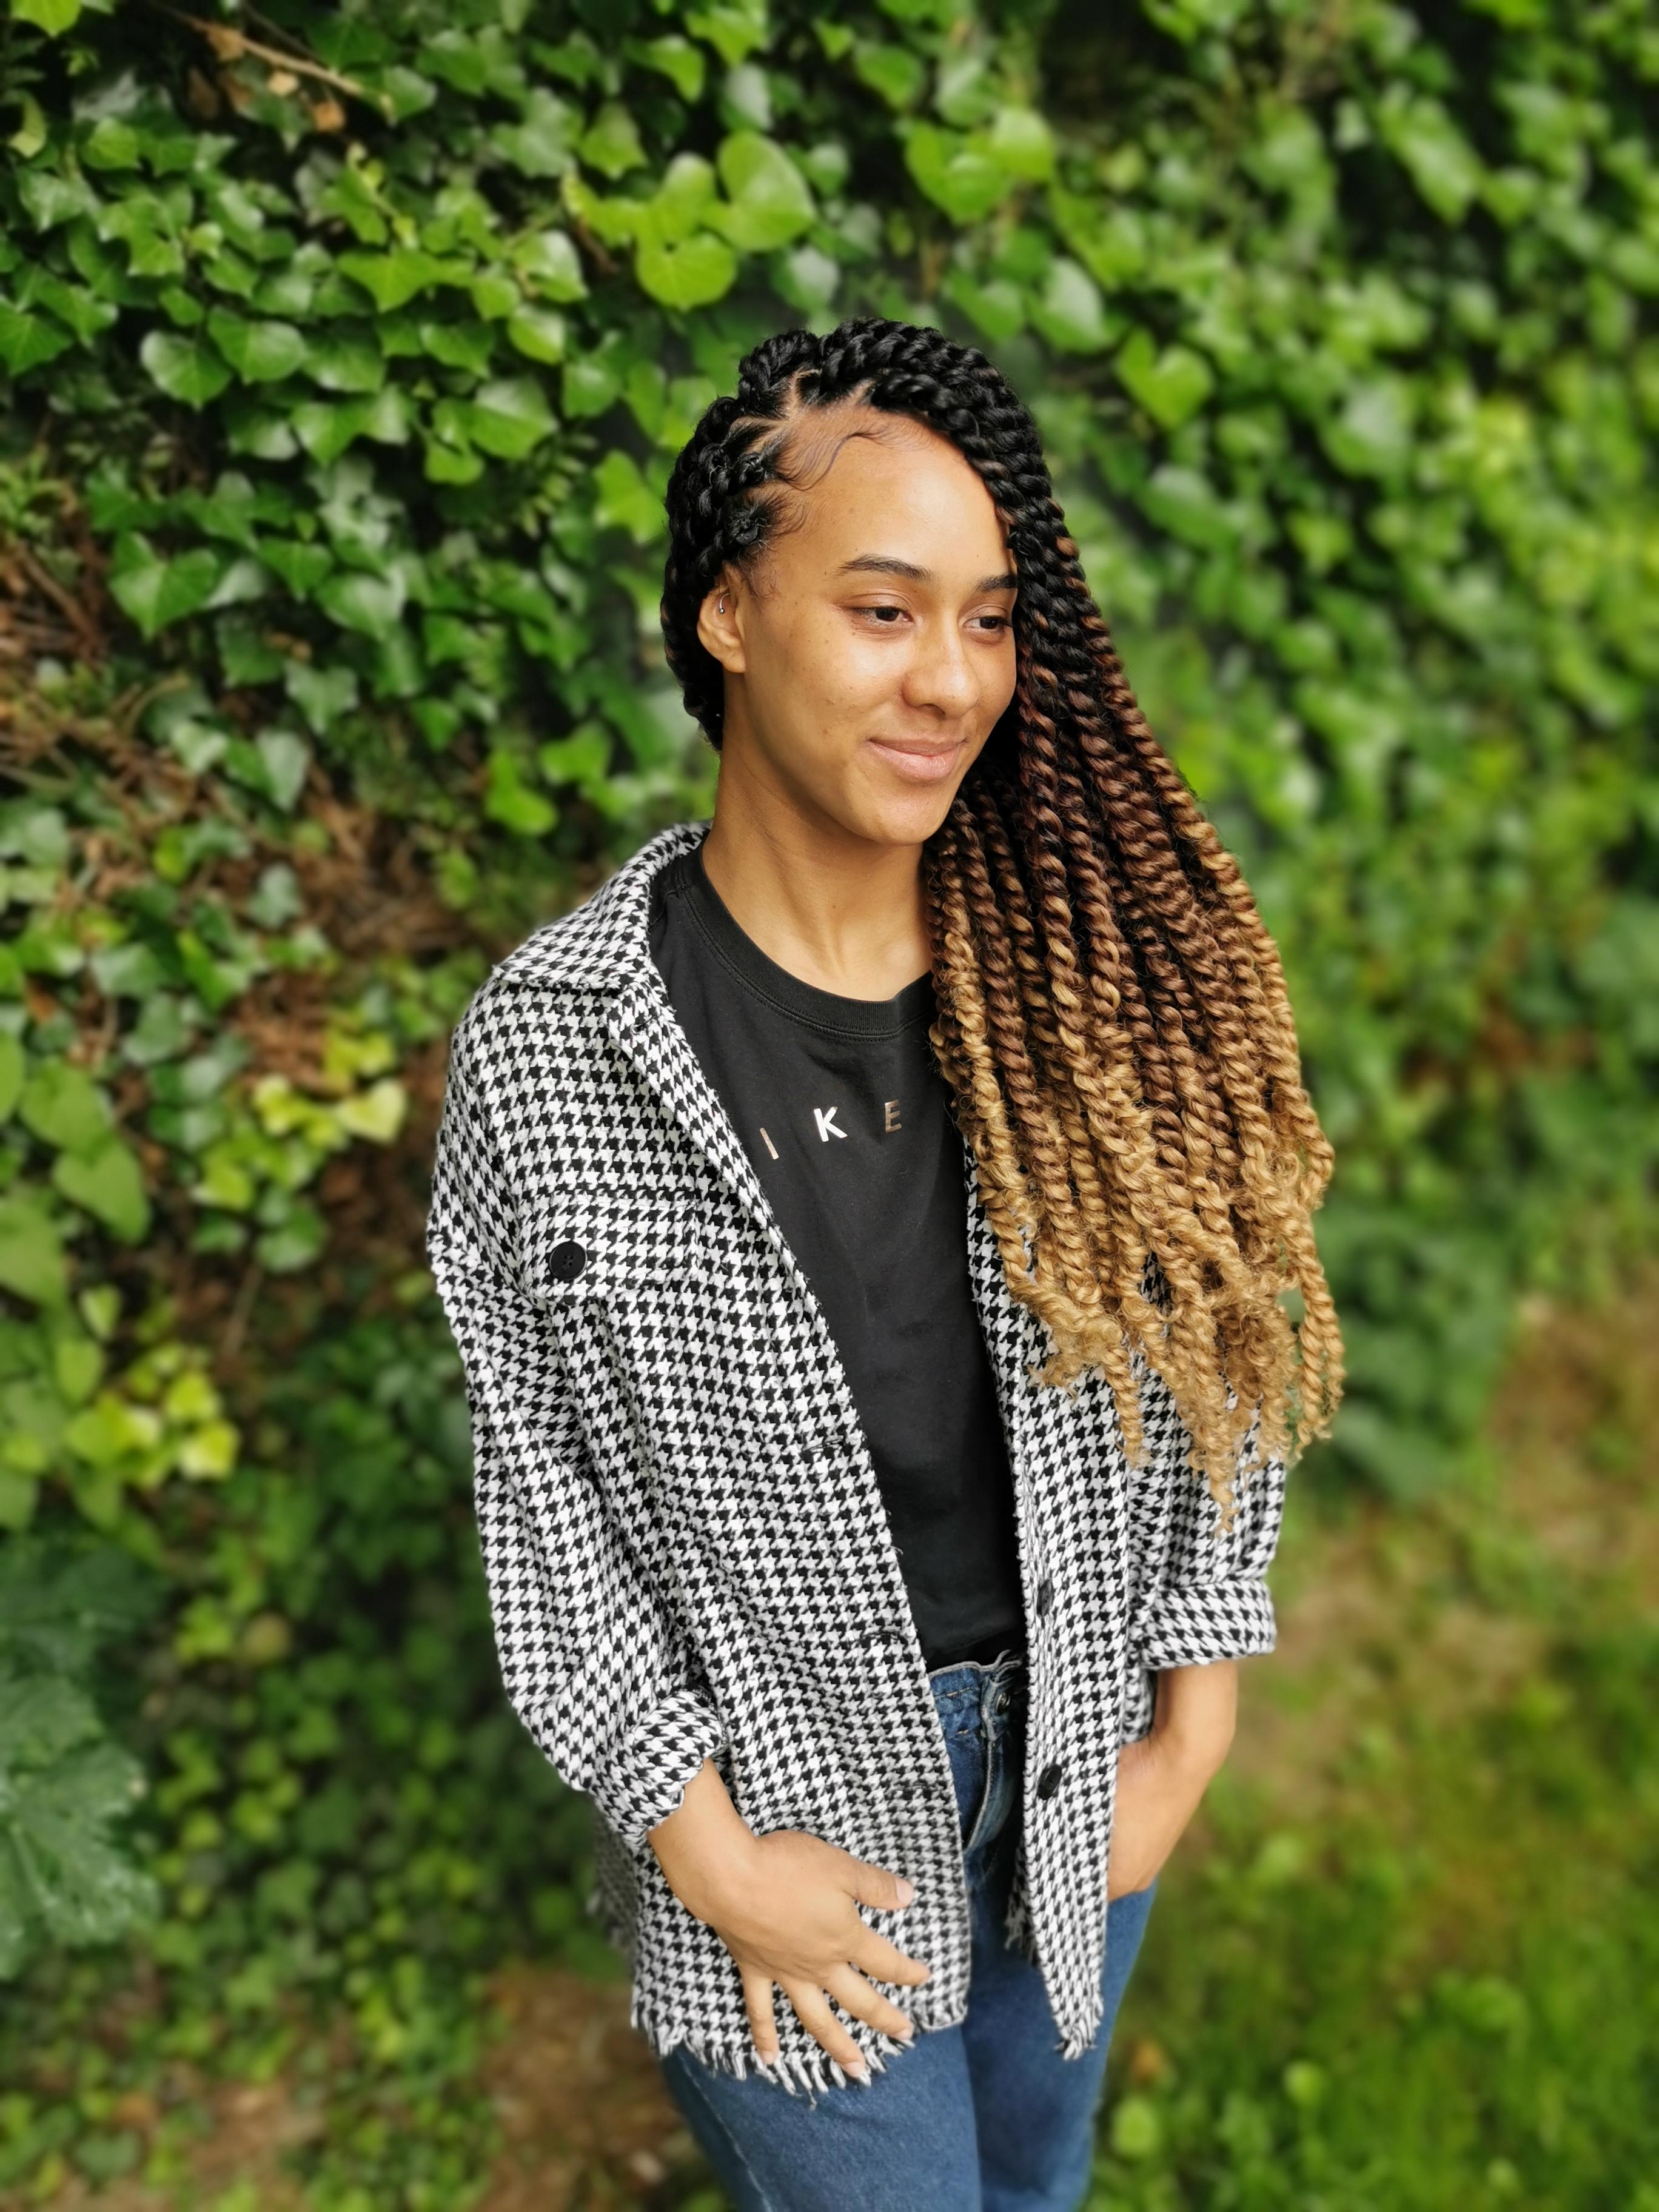 salon de coiffure afro tresse tresses box braids crochet braids vanilles tissages paris 75 77 78 91 92 93 94 95 GMTWKXNW